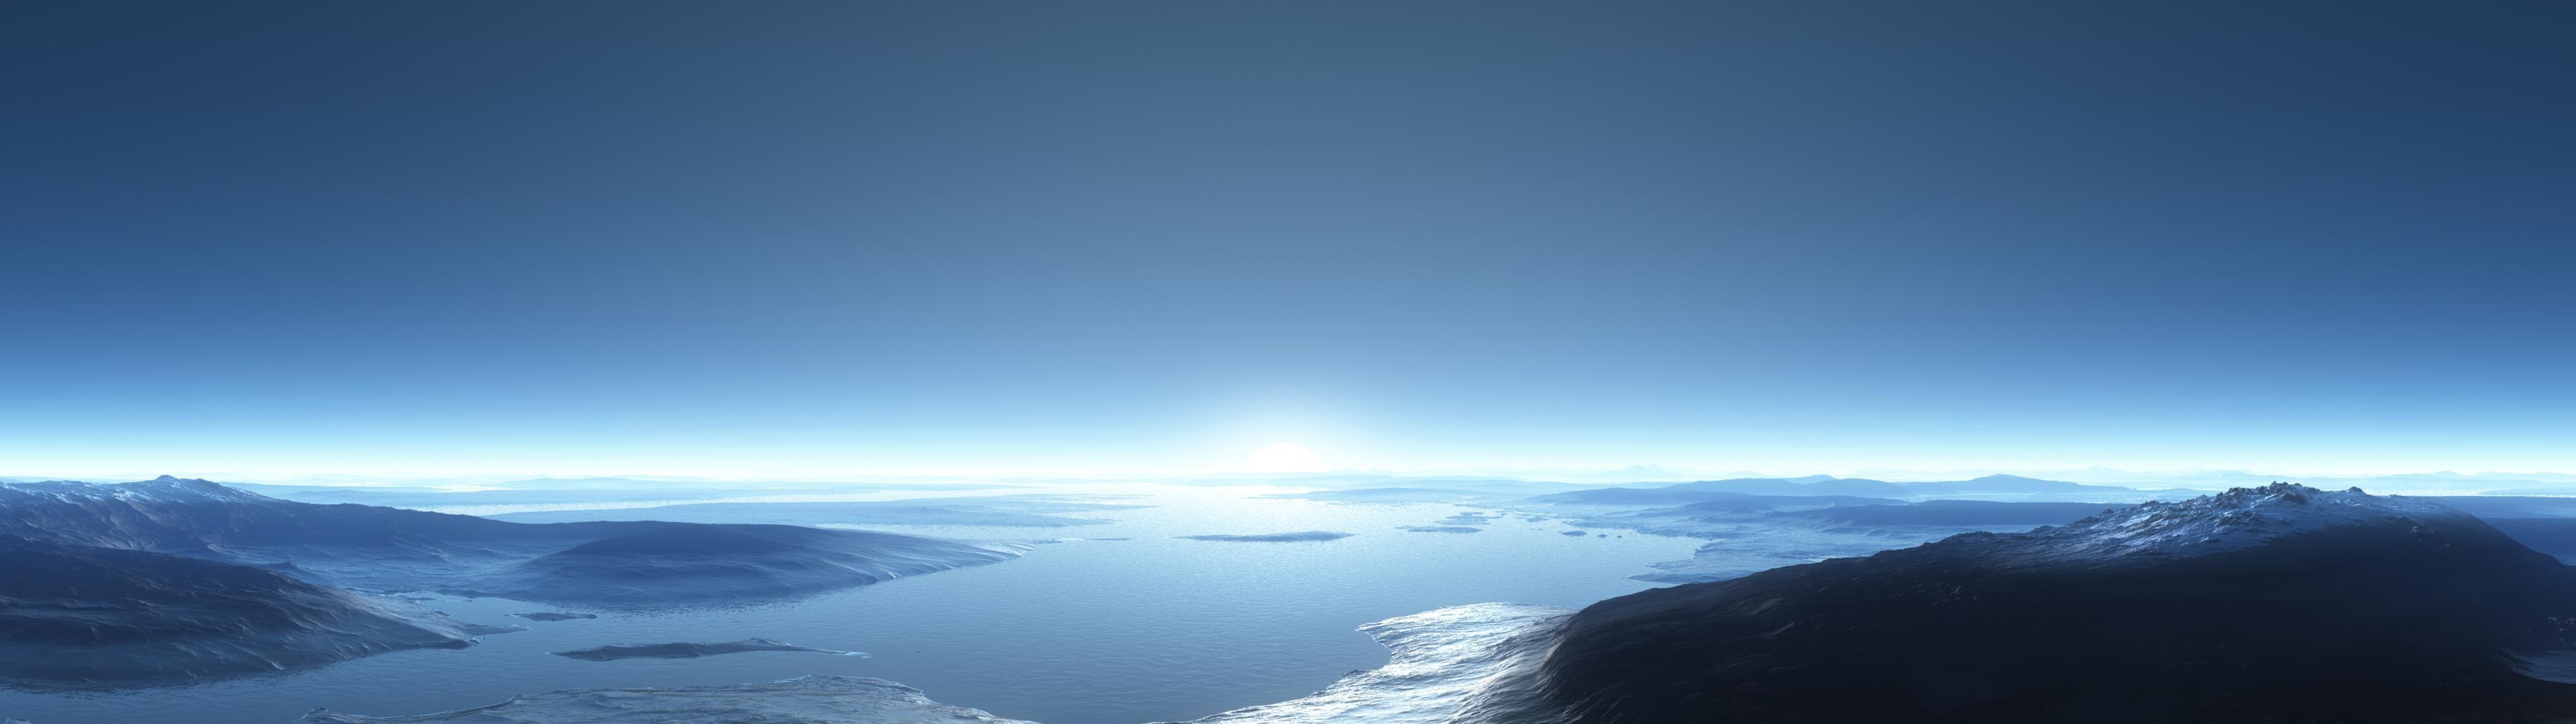 デスクトップ壁紙 日光 水 空 雪 地平線 雰囲気 パノラマ